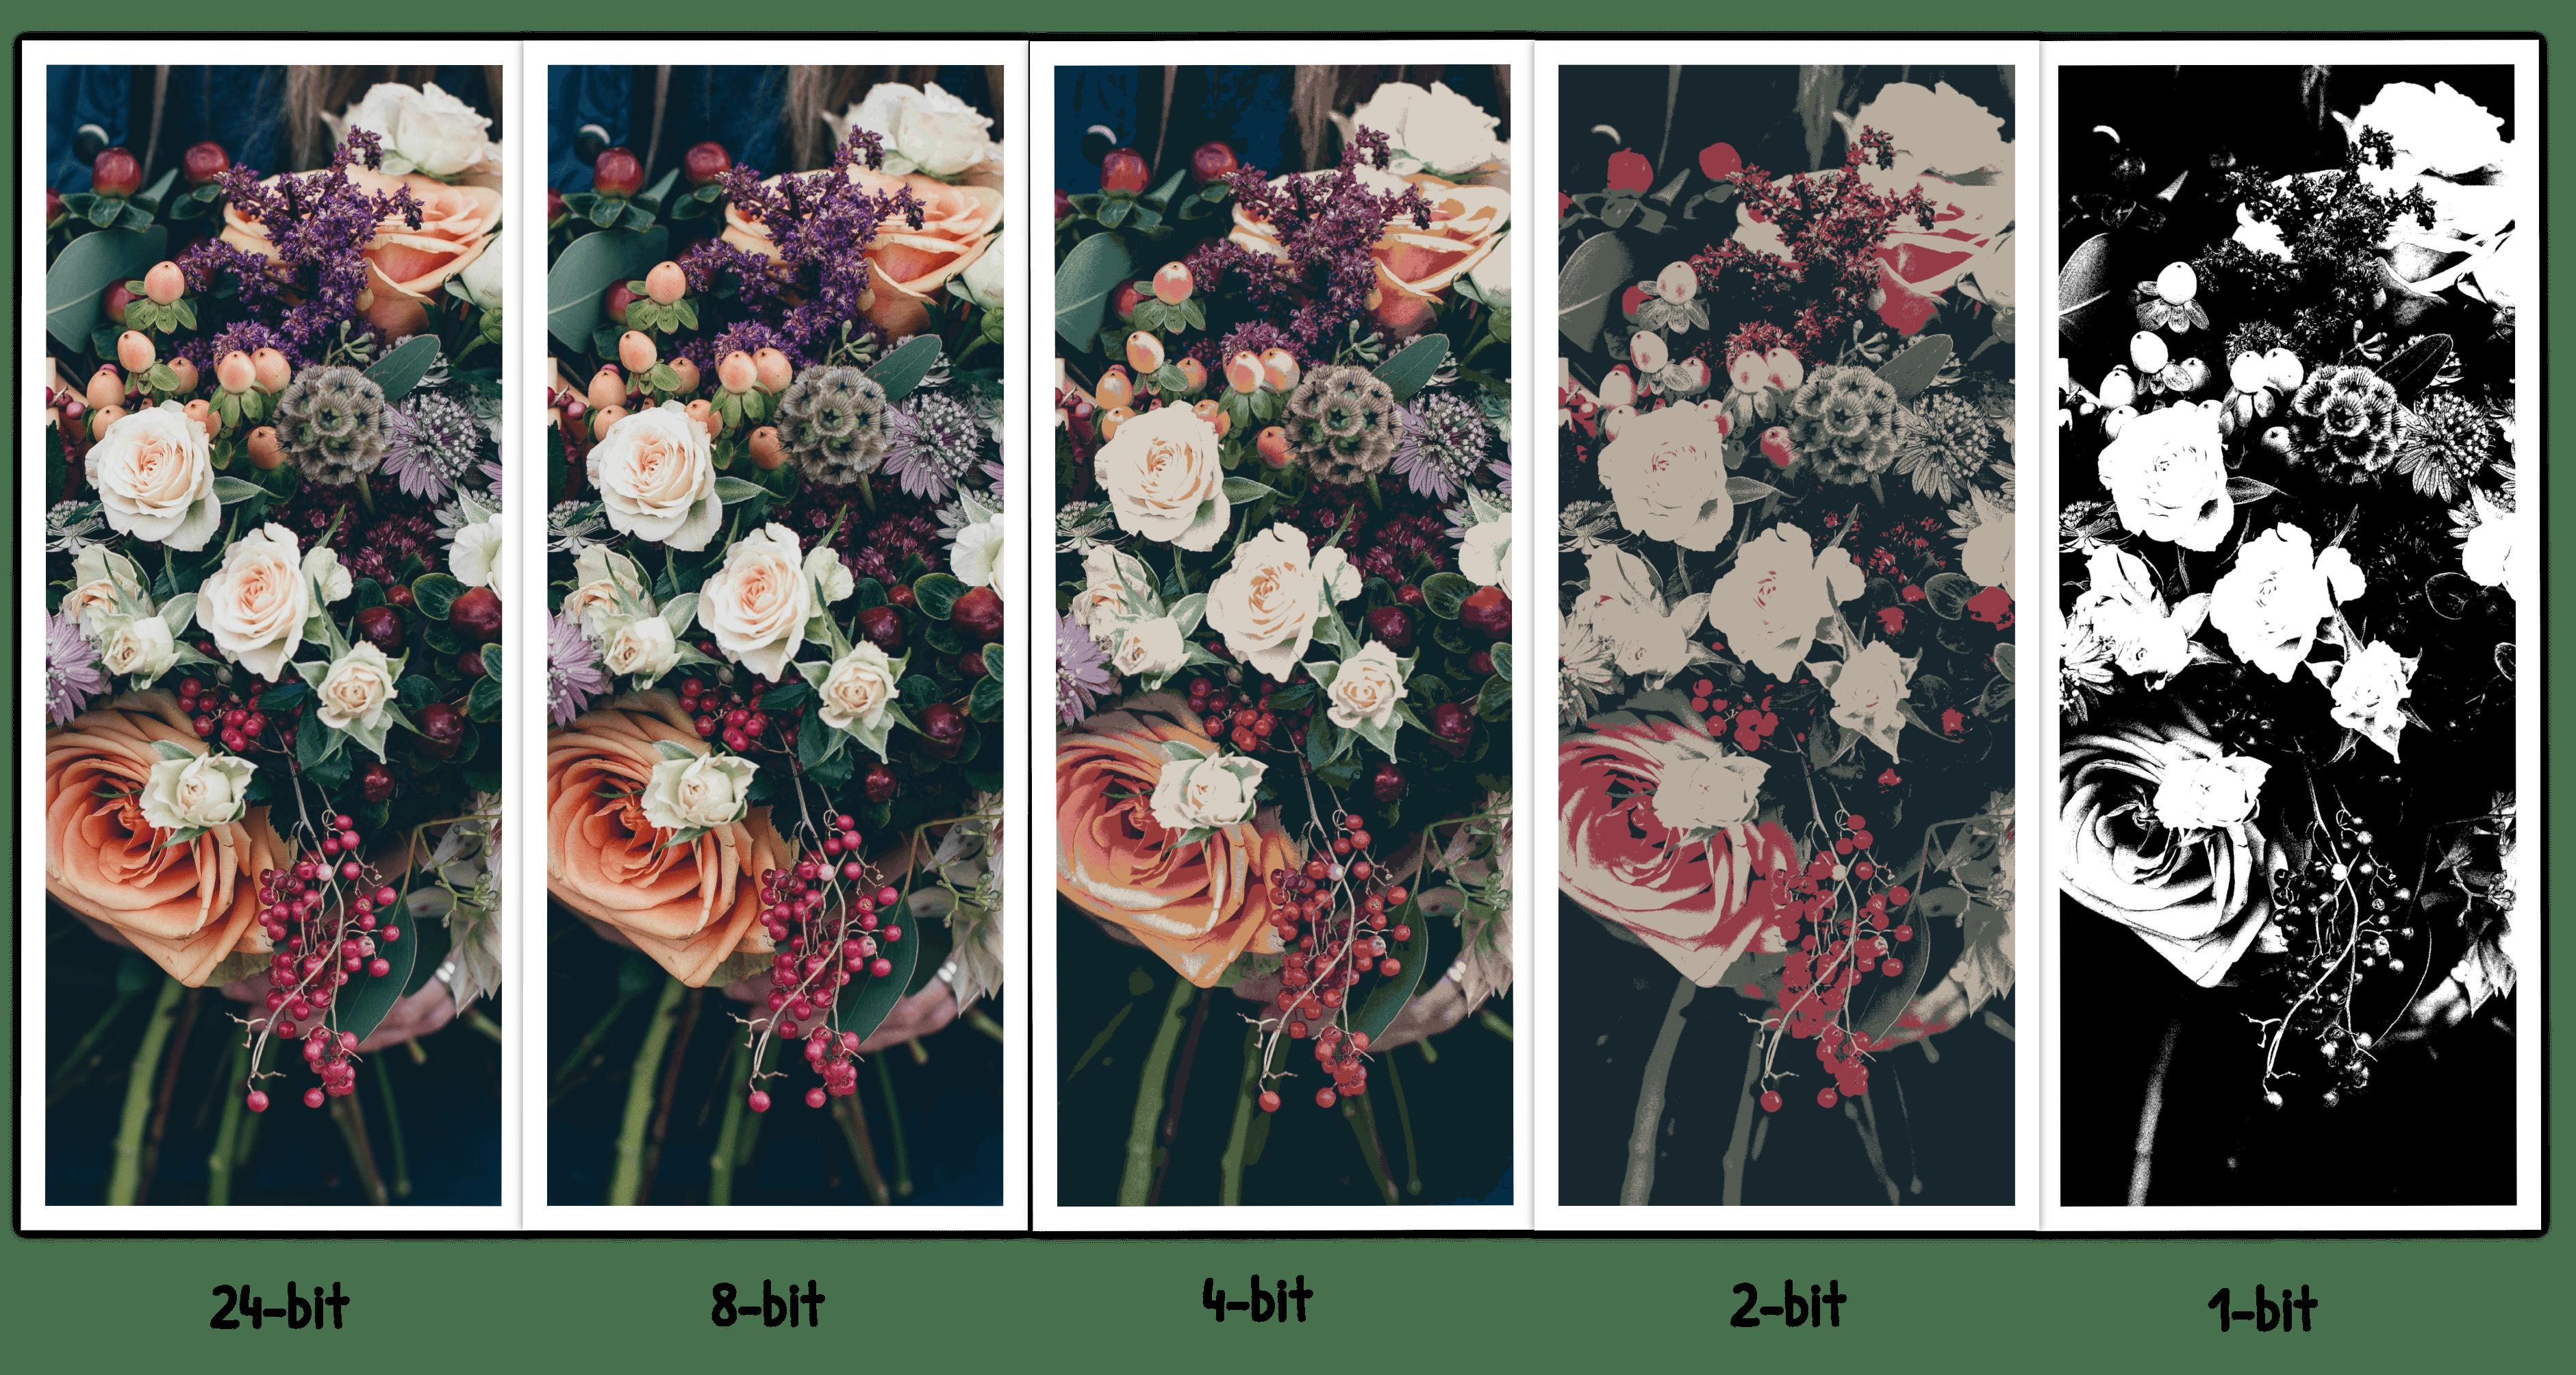 Colour depth comparison